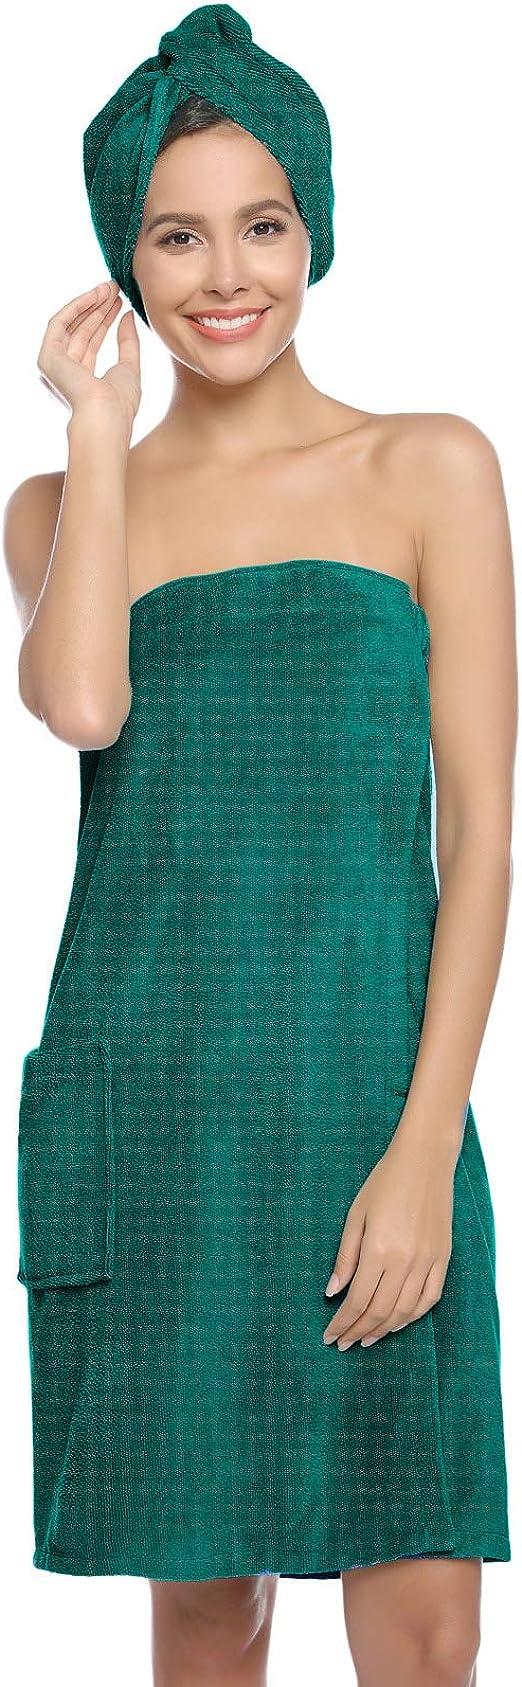 Womens Girl Shower Body Spa Bath Wrap Towel Headband Set Bathrobe Bath Robe LT